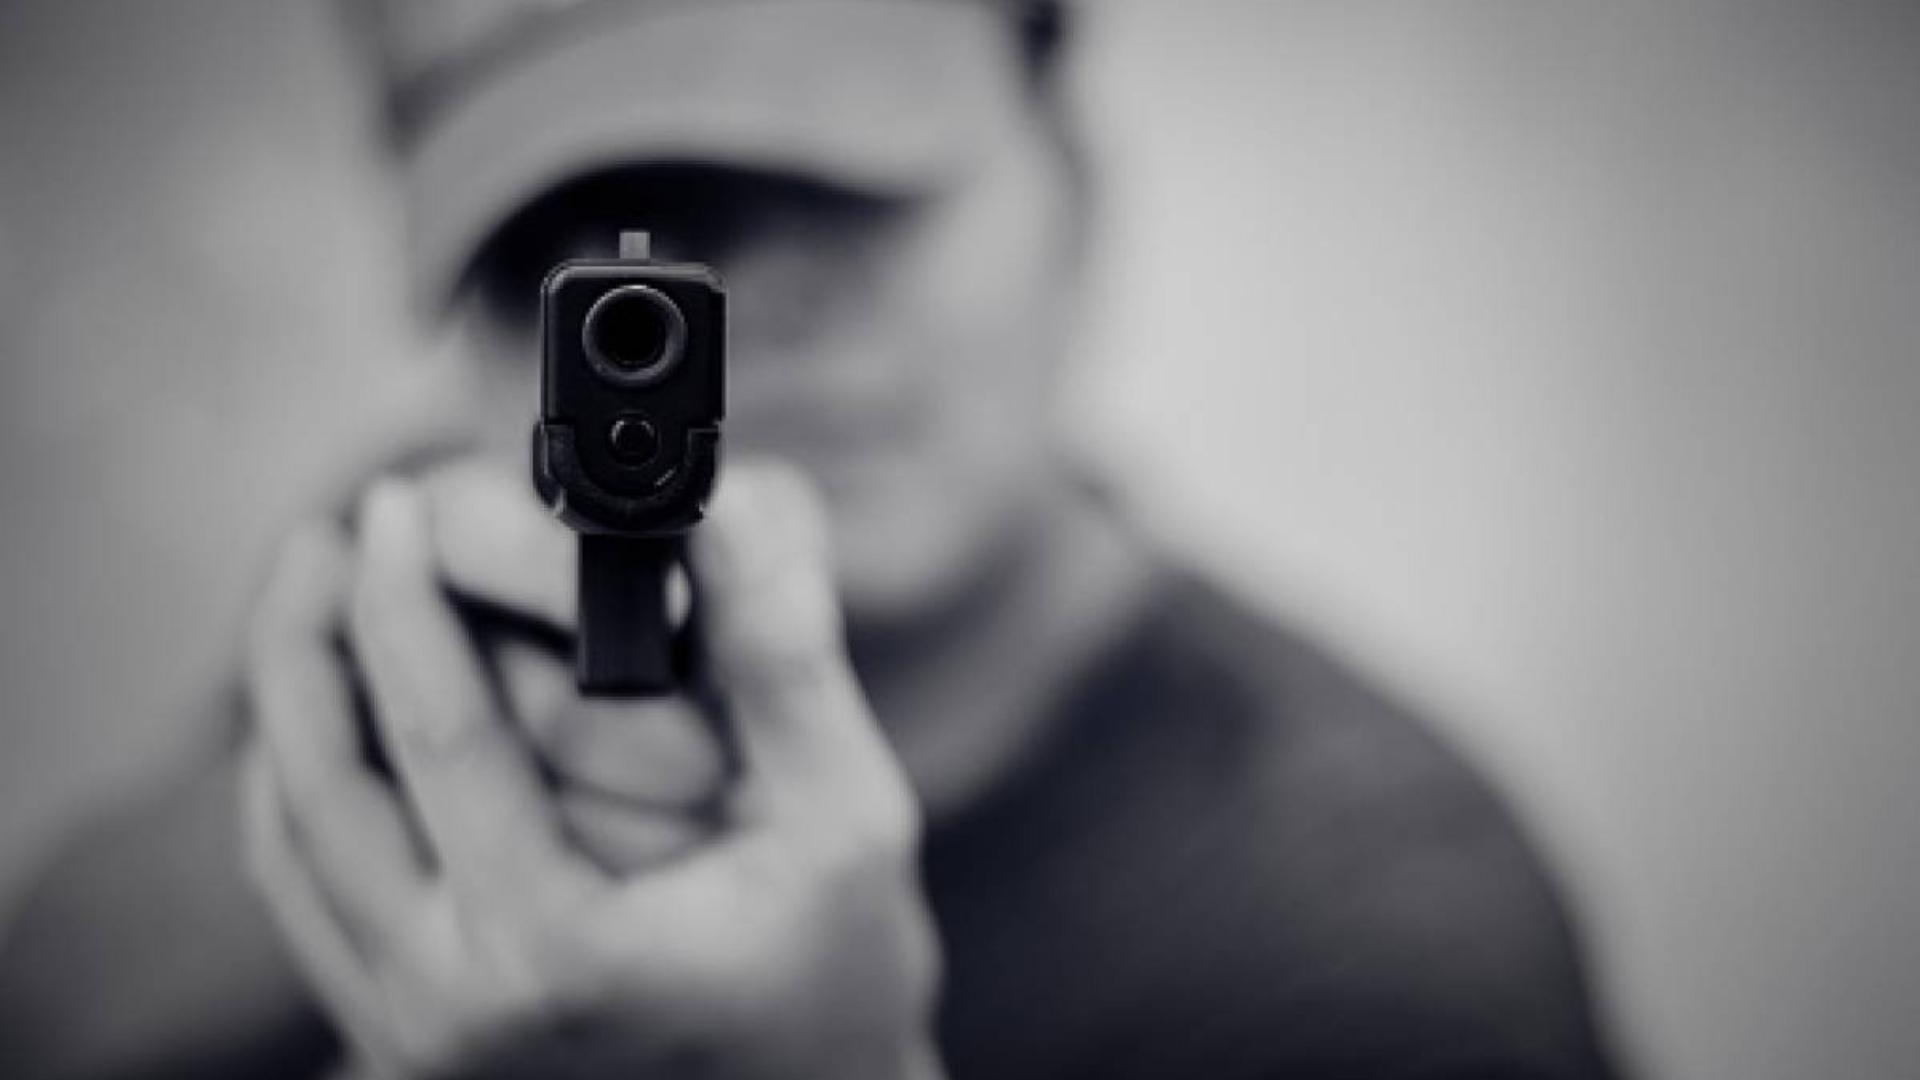 Femicidios en Venezuela ignorados e invisibilizados por el Estado venezolano